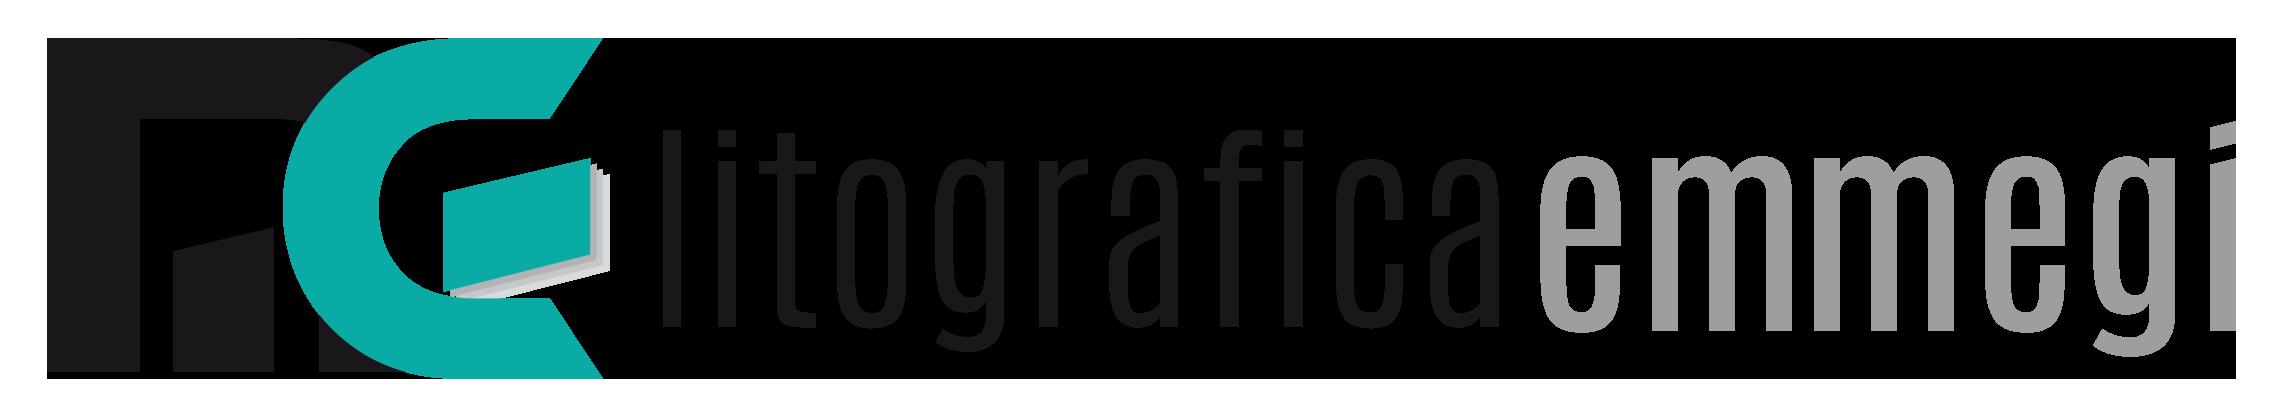 LitoGrafica Emmegi